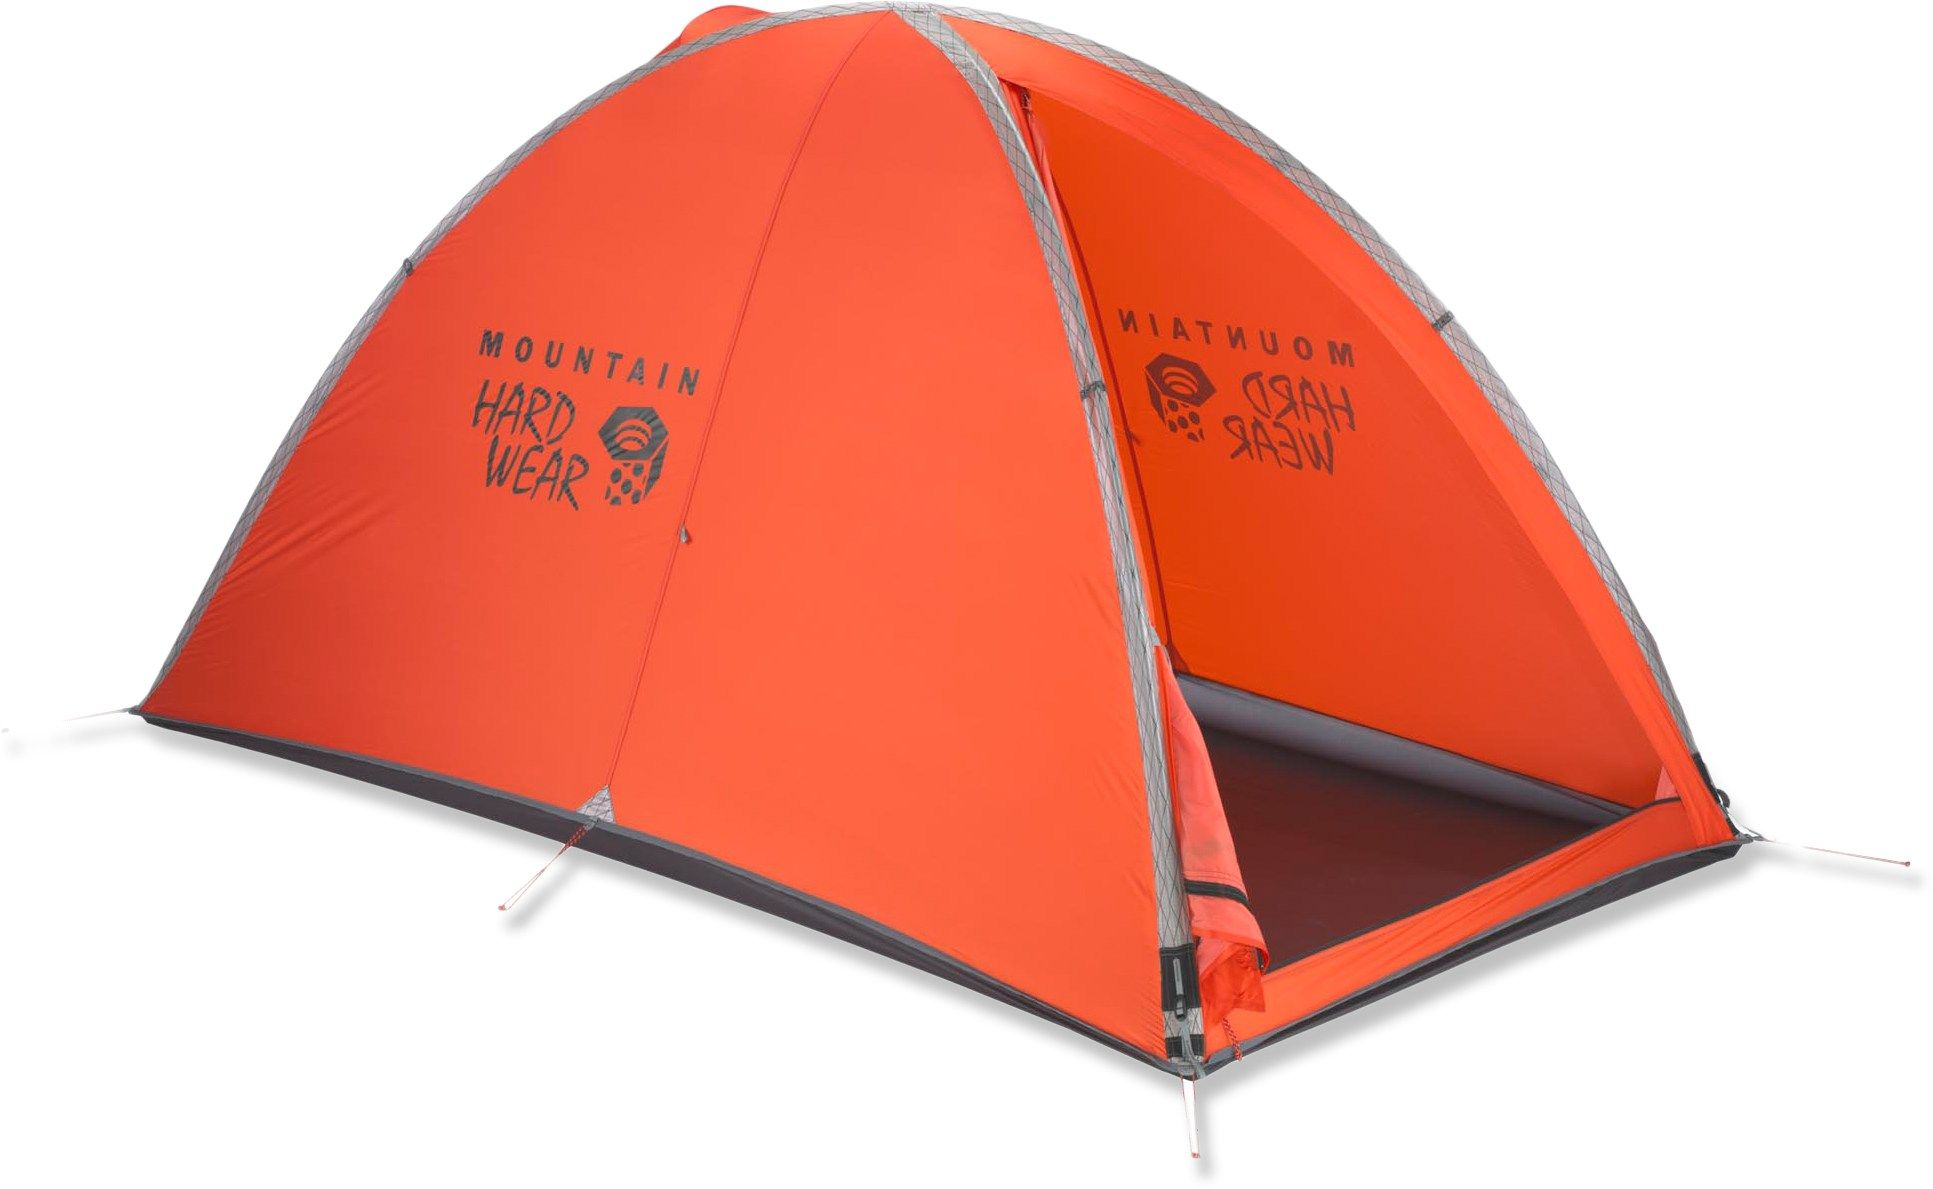 Mountain Hardwear Direkt 2 Tent - Free Shipping at REI.com  sc 1 st  Pinterest & Mountain Hardwear Direkt 2 Tent - Free Shipping at REI.com | Entry ...